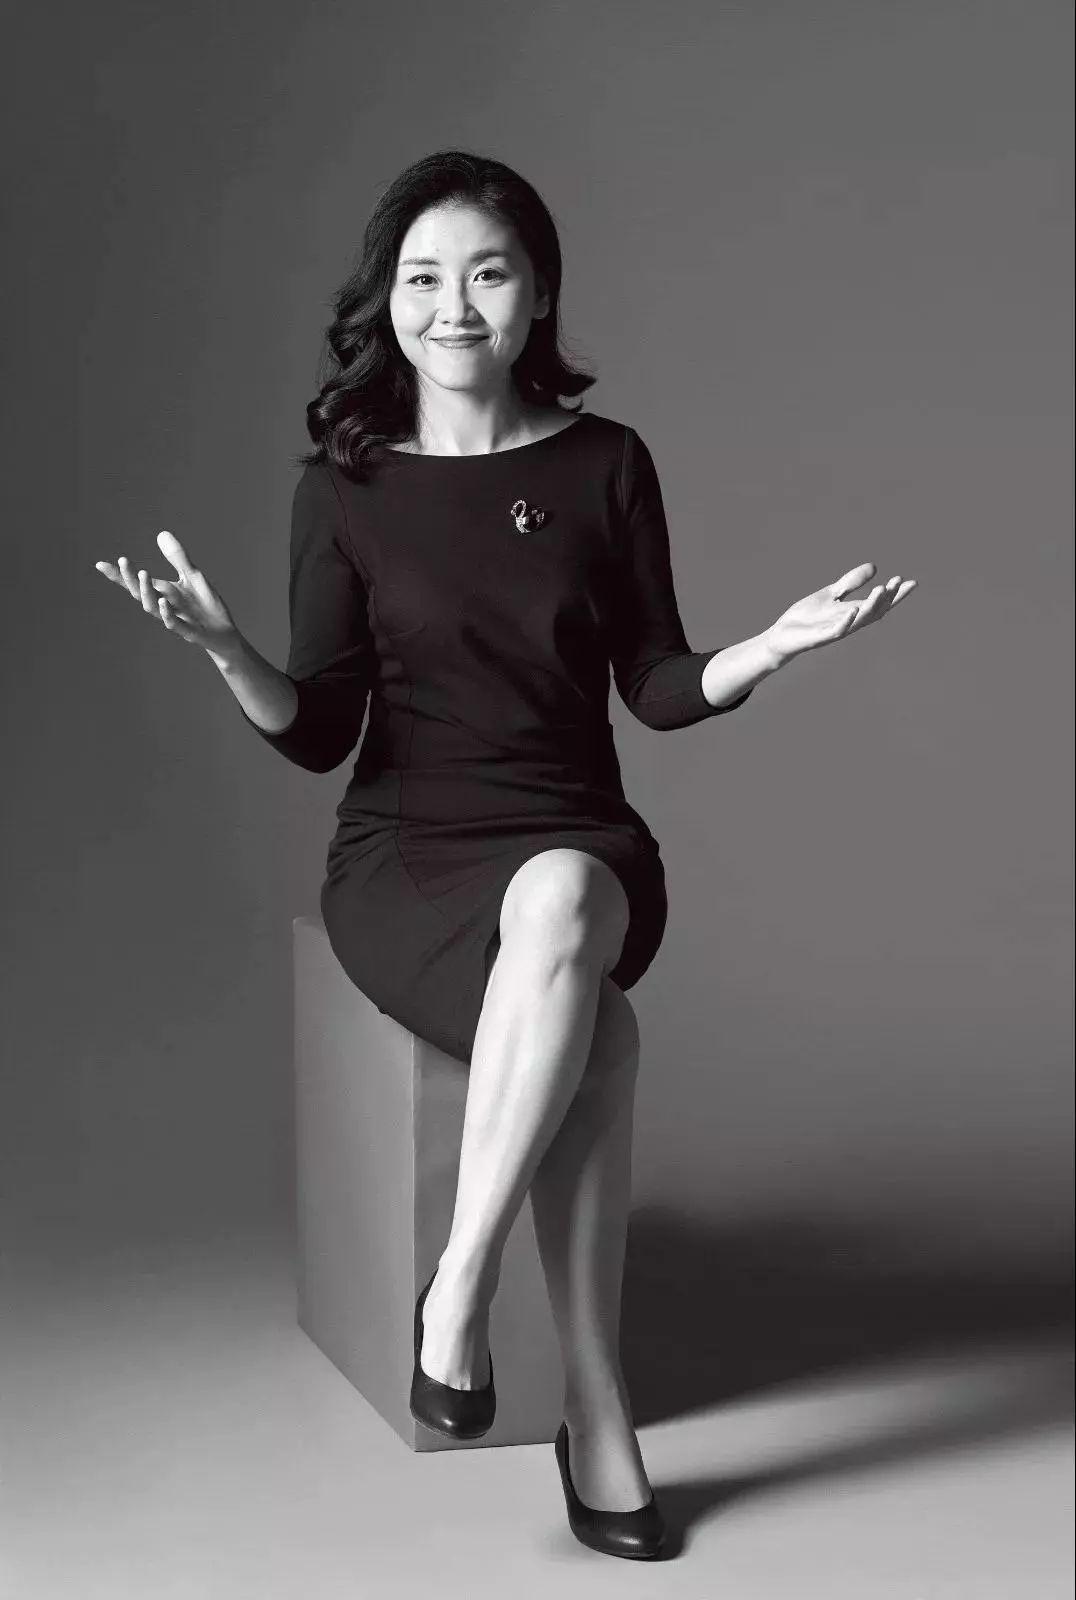 【热点】颜宁入选美国科学院外籍院士,她的微博画风亮了(图4)